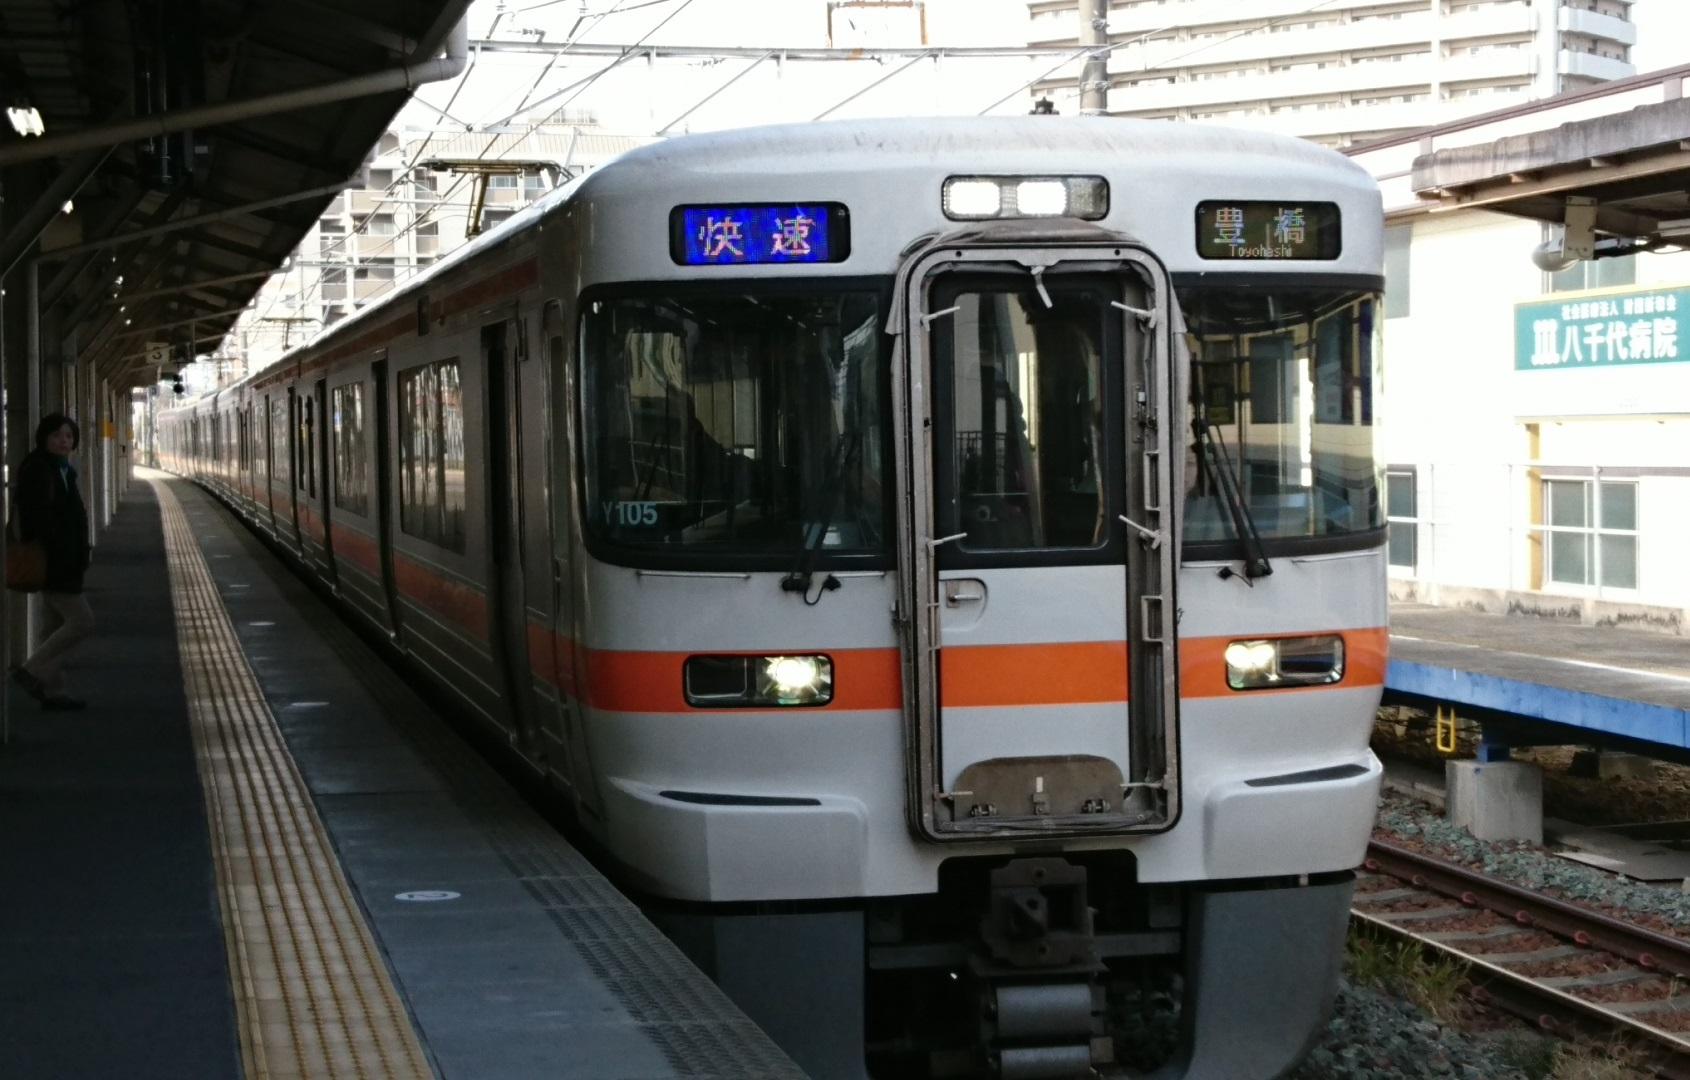 2016.12.9 二川 (1) あんじょう - 豊橋いき快速 1690-1080